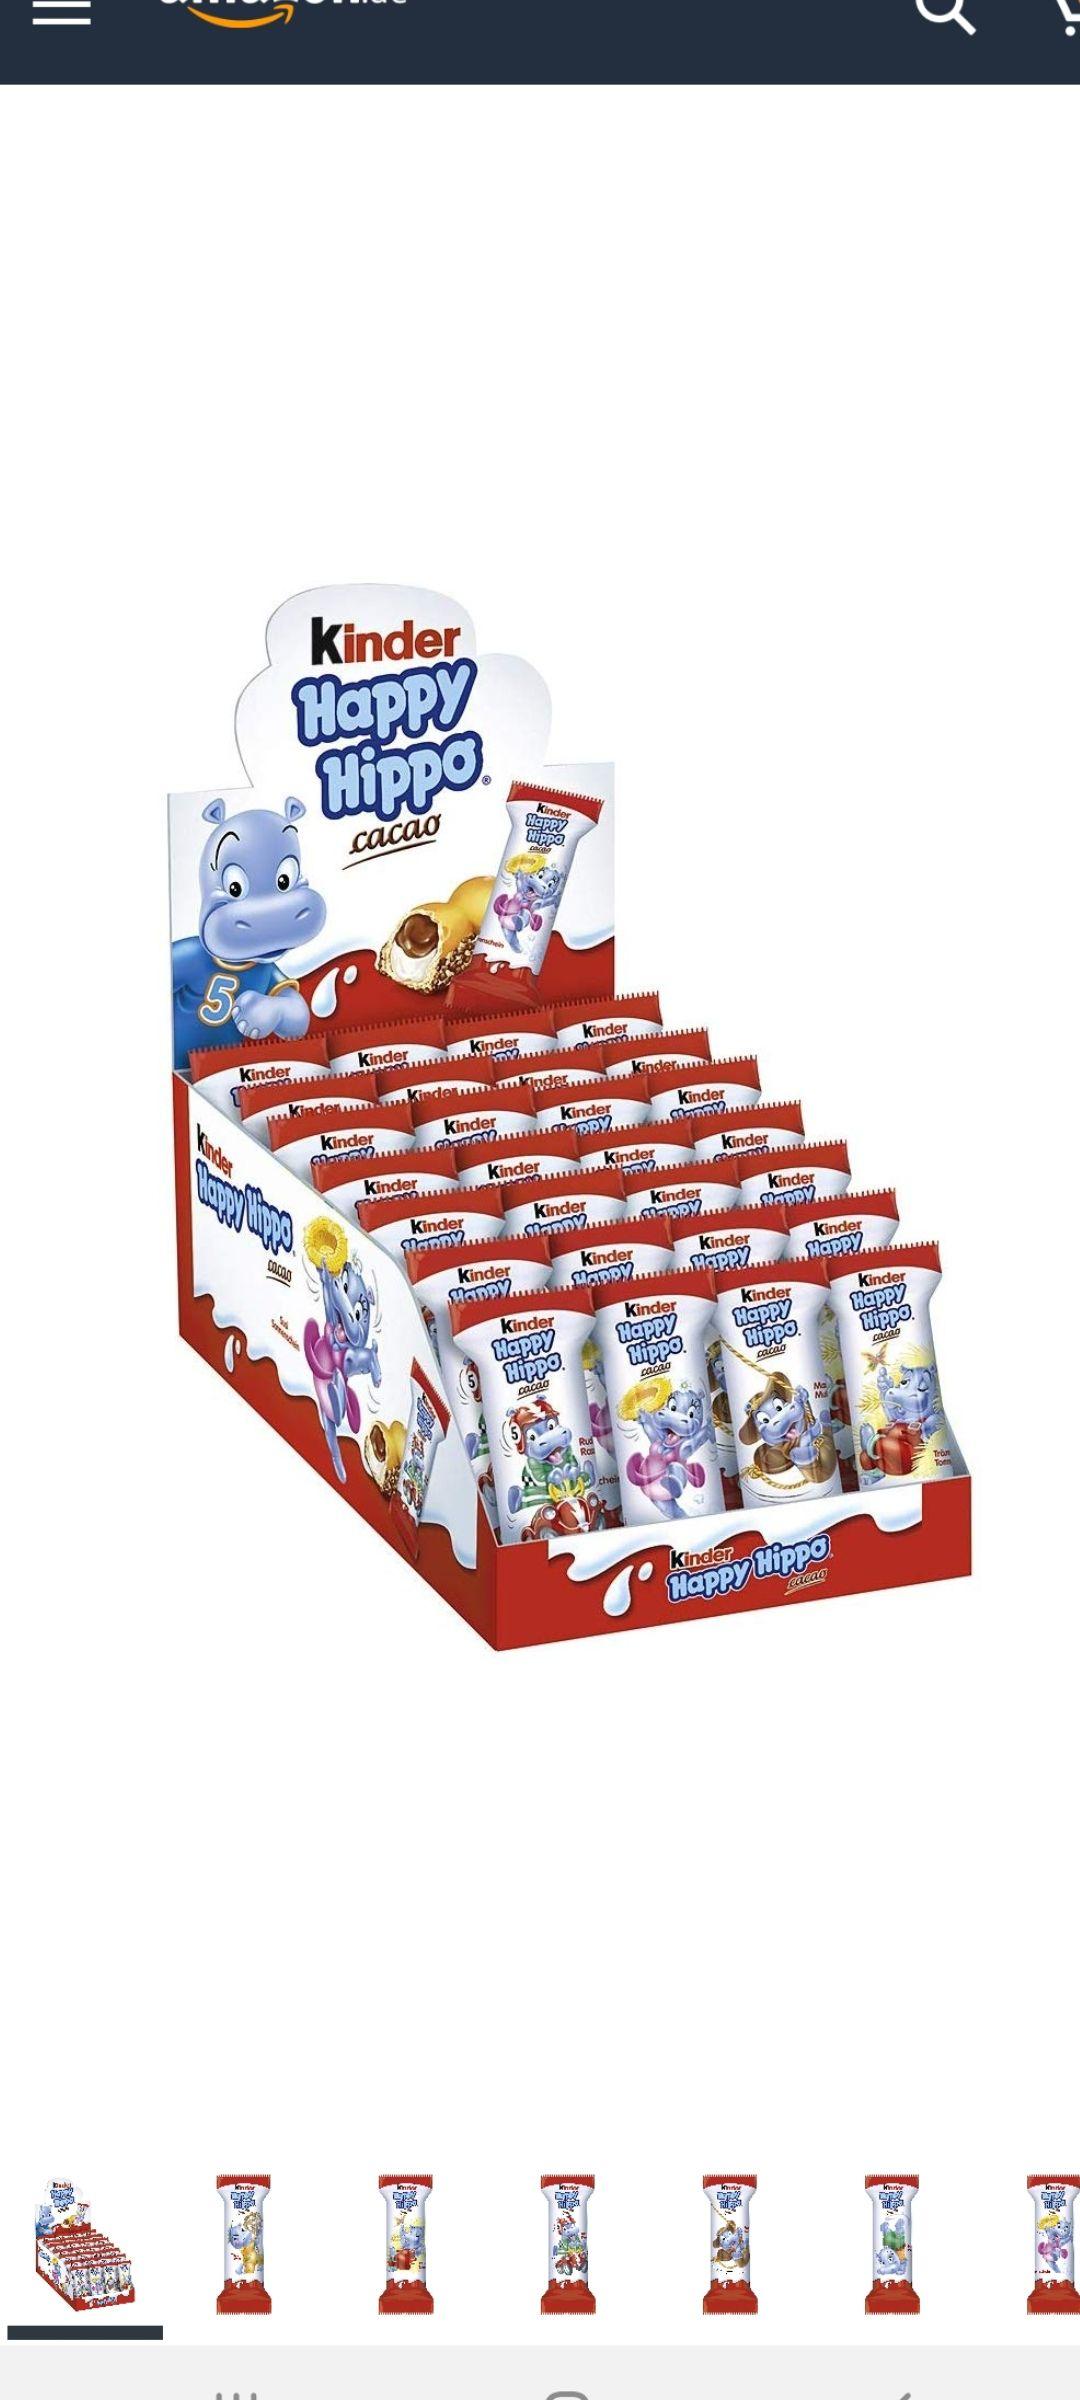 Happy Hippo kinderchocolade (En overige soorten kinderchocolade)